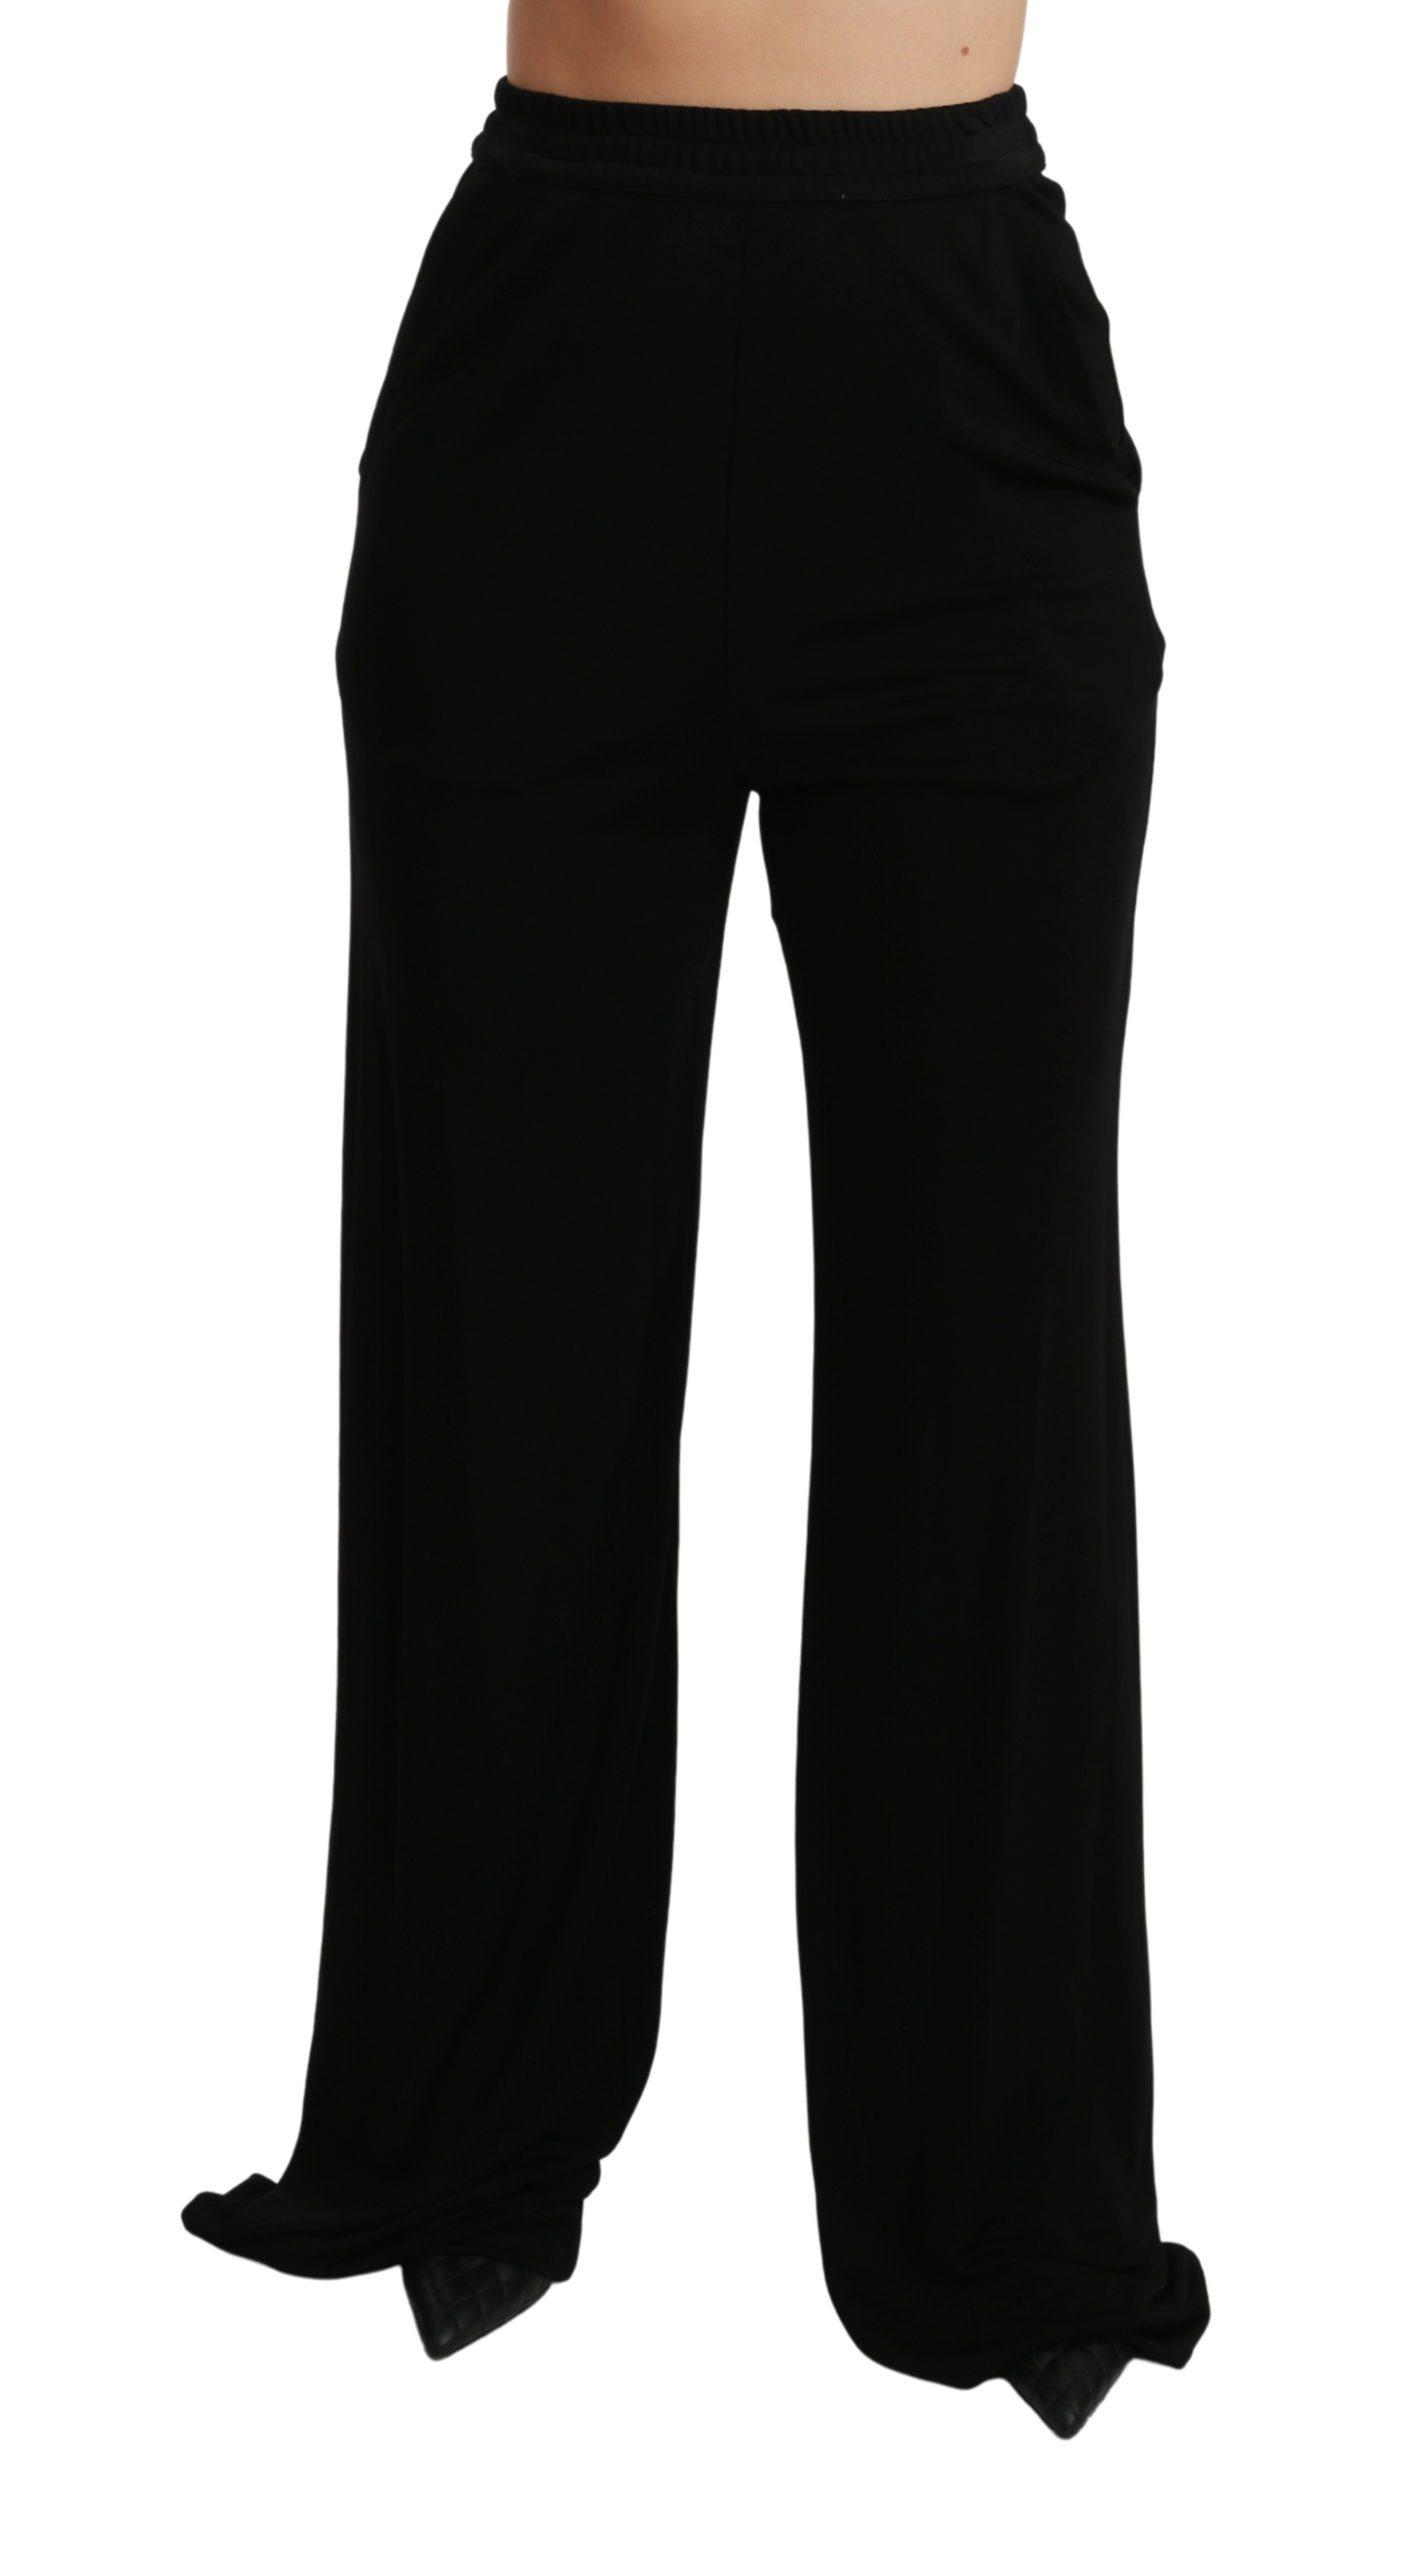 Dolce & Gabbana Women's Wide Leg High Waist Trouser Black PAN70947 - IT40|S